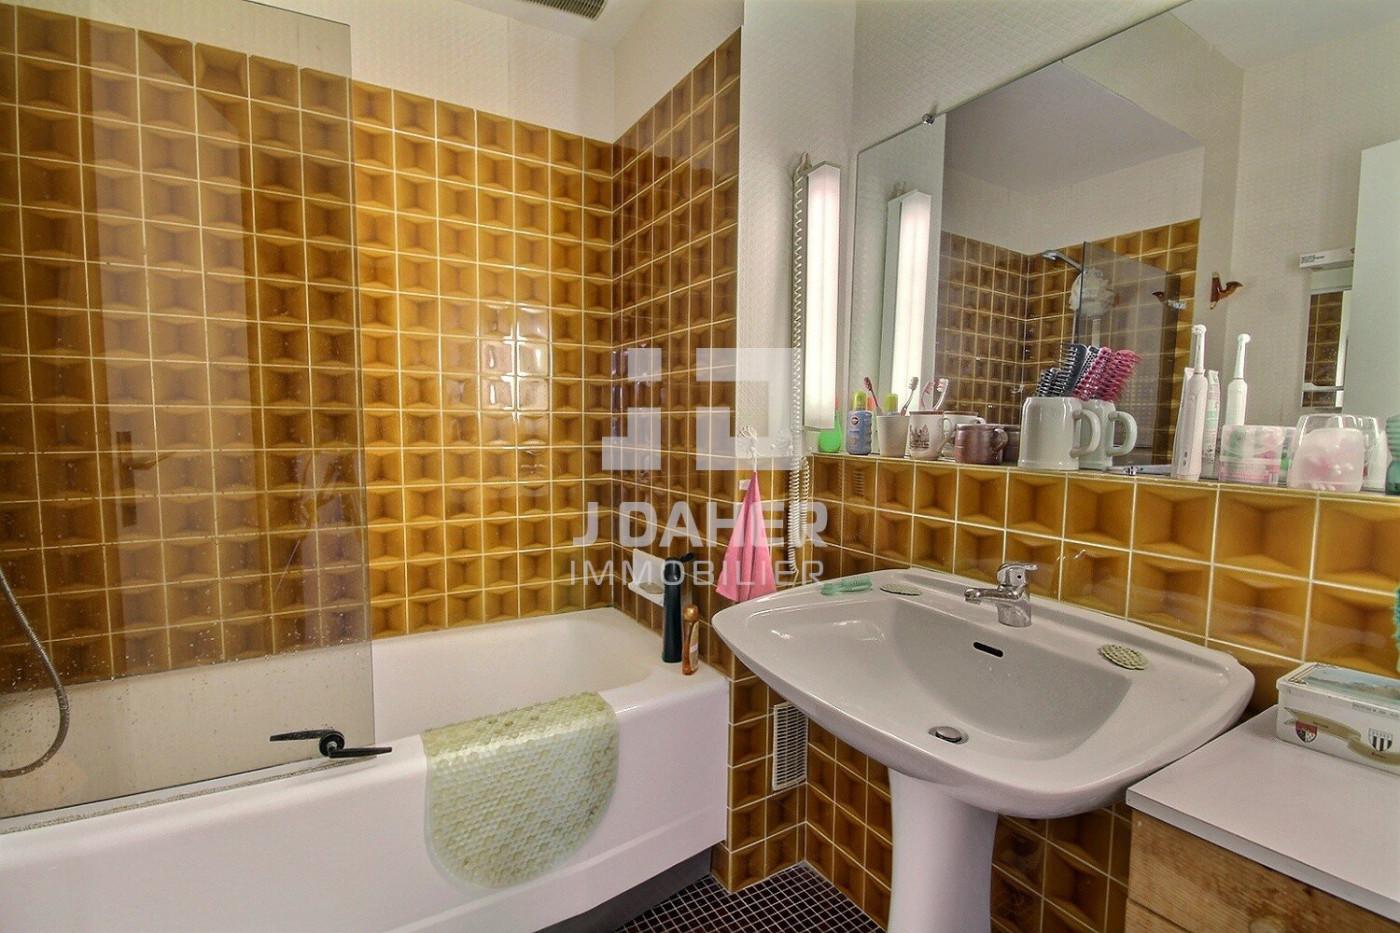 A vendre Marseille 8eme Arrondissement 13025983 J daher immobilier